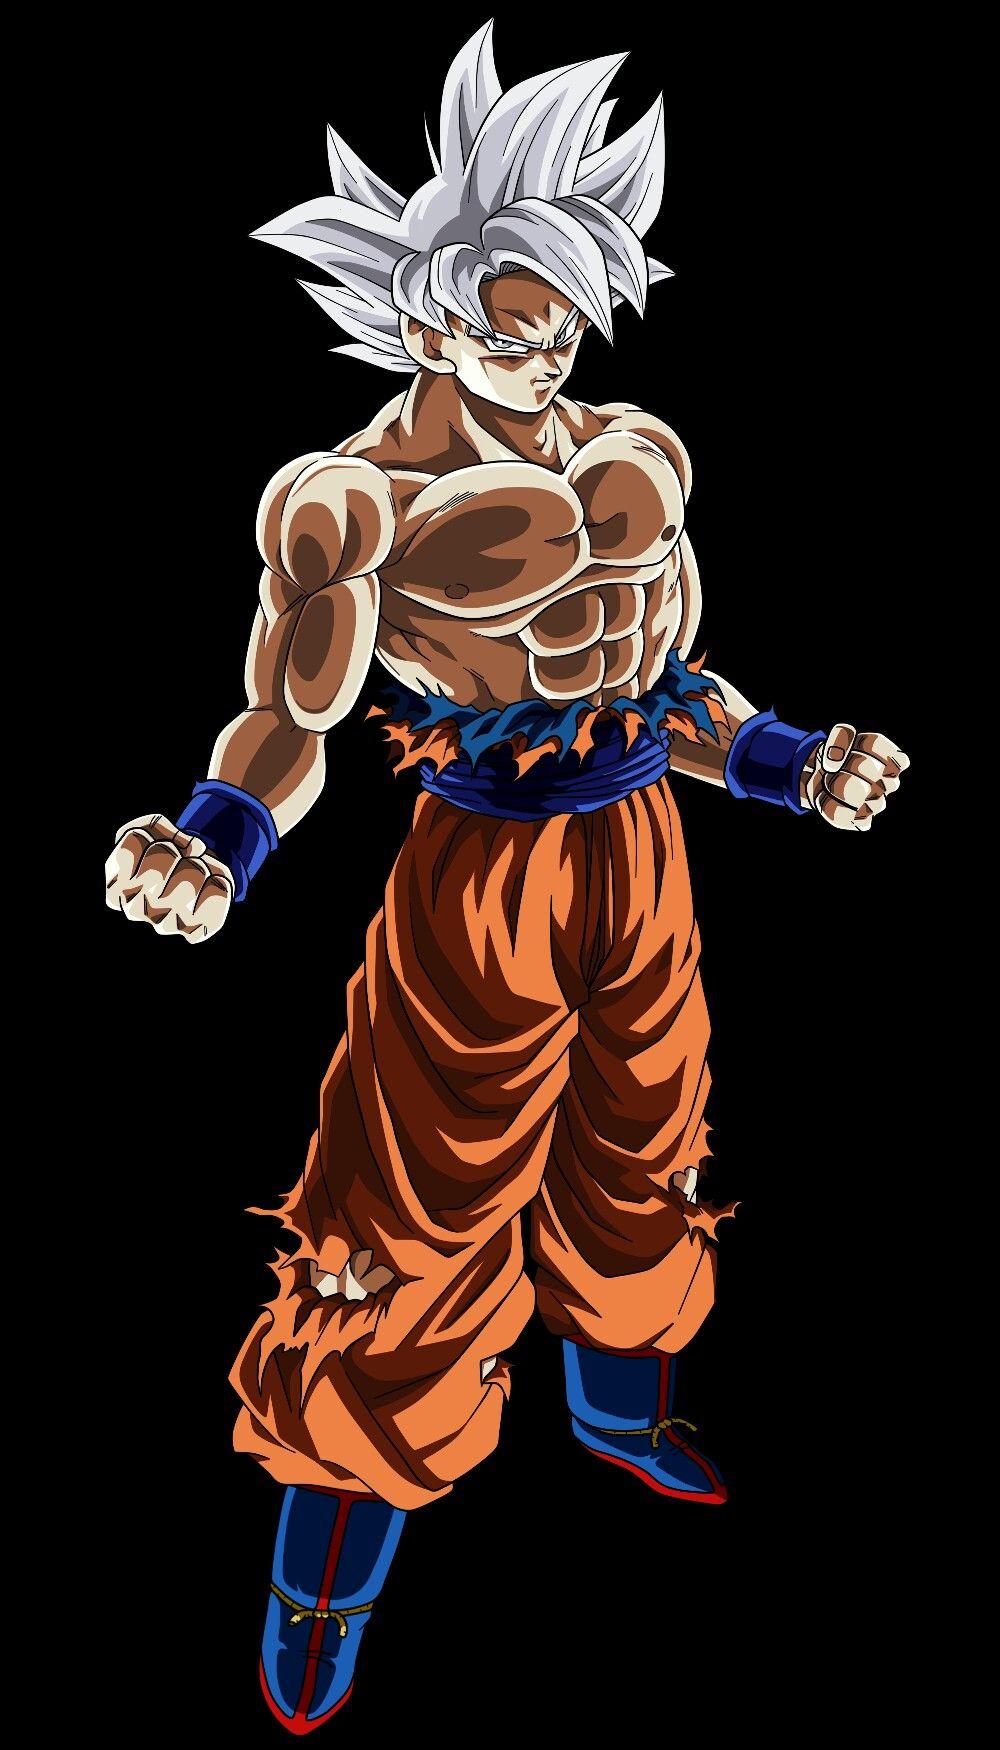 Goku ultra instinct dragon ball como desenhar anime os melhores animes super sayajin - Imagenes de dragon ball super ultra instinto ...